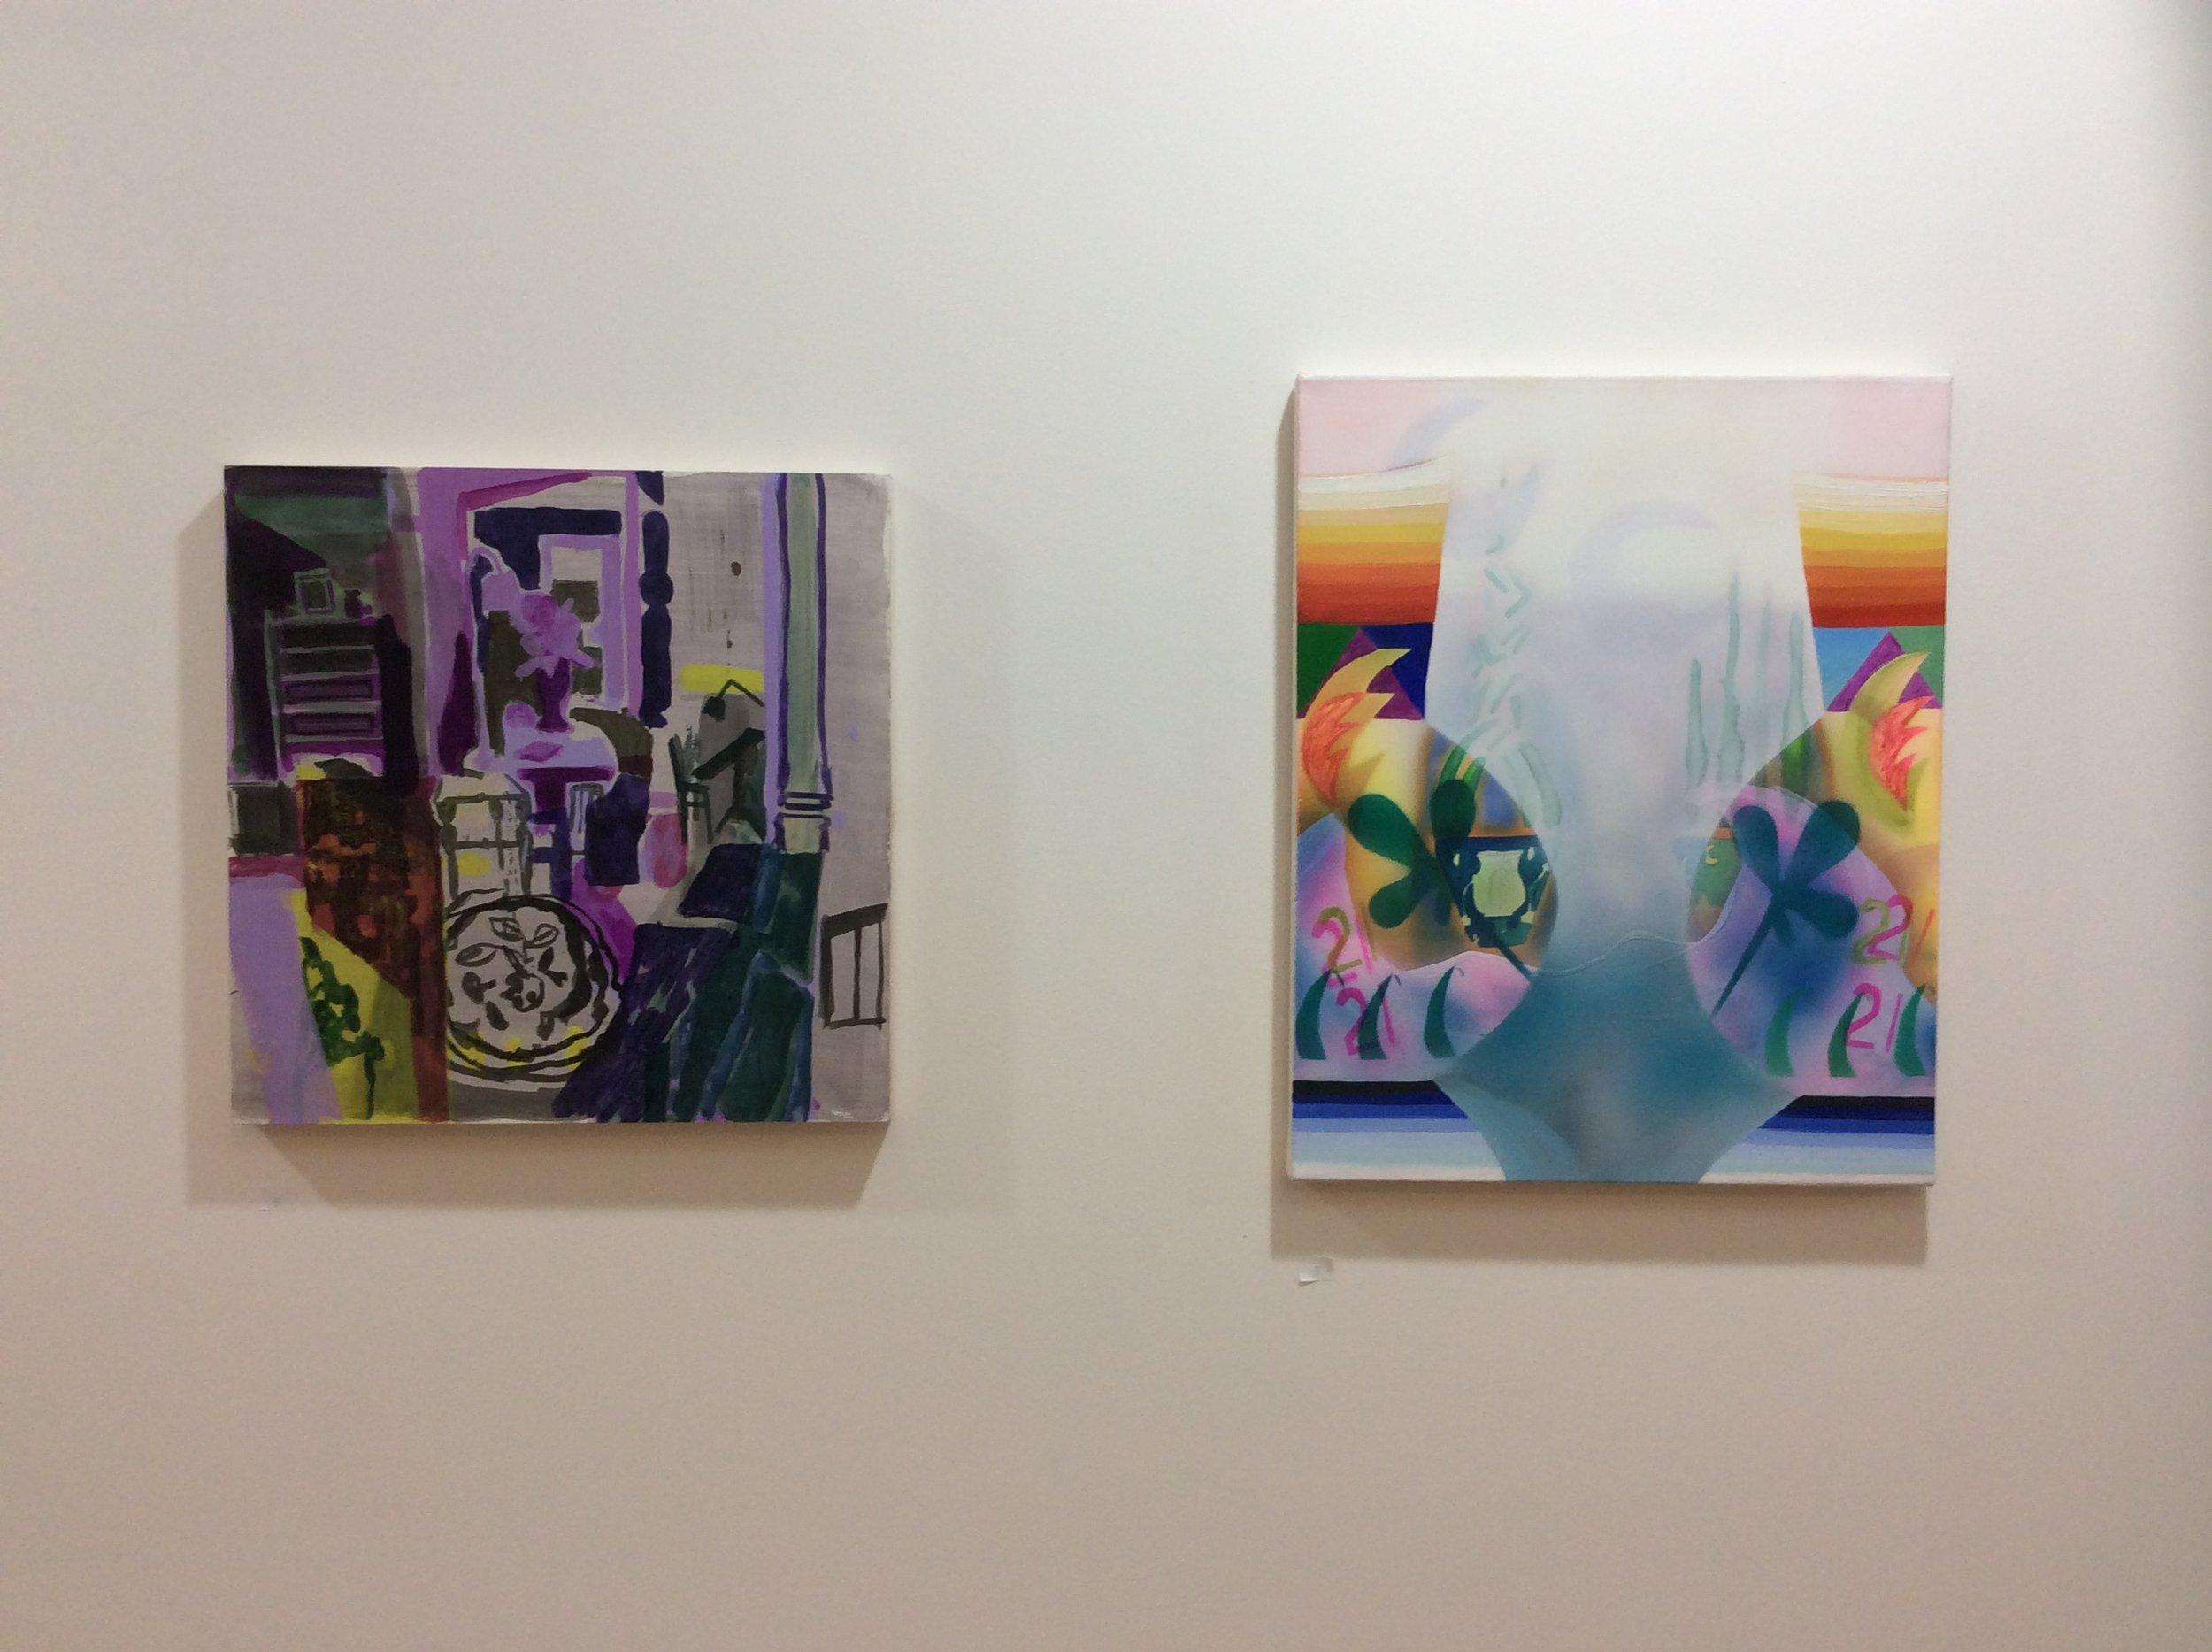 Allison Gildersleeve: Untitled, Catherine Haggarty: 21